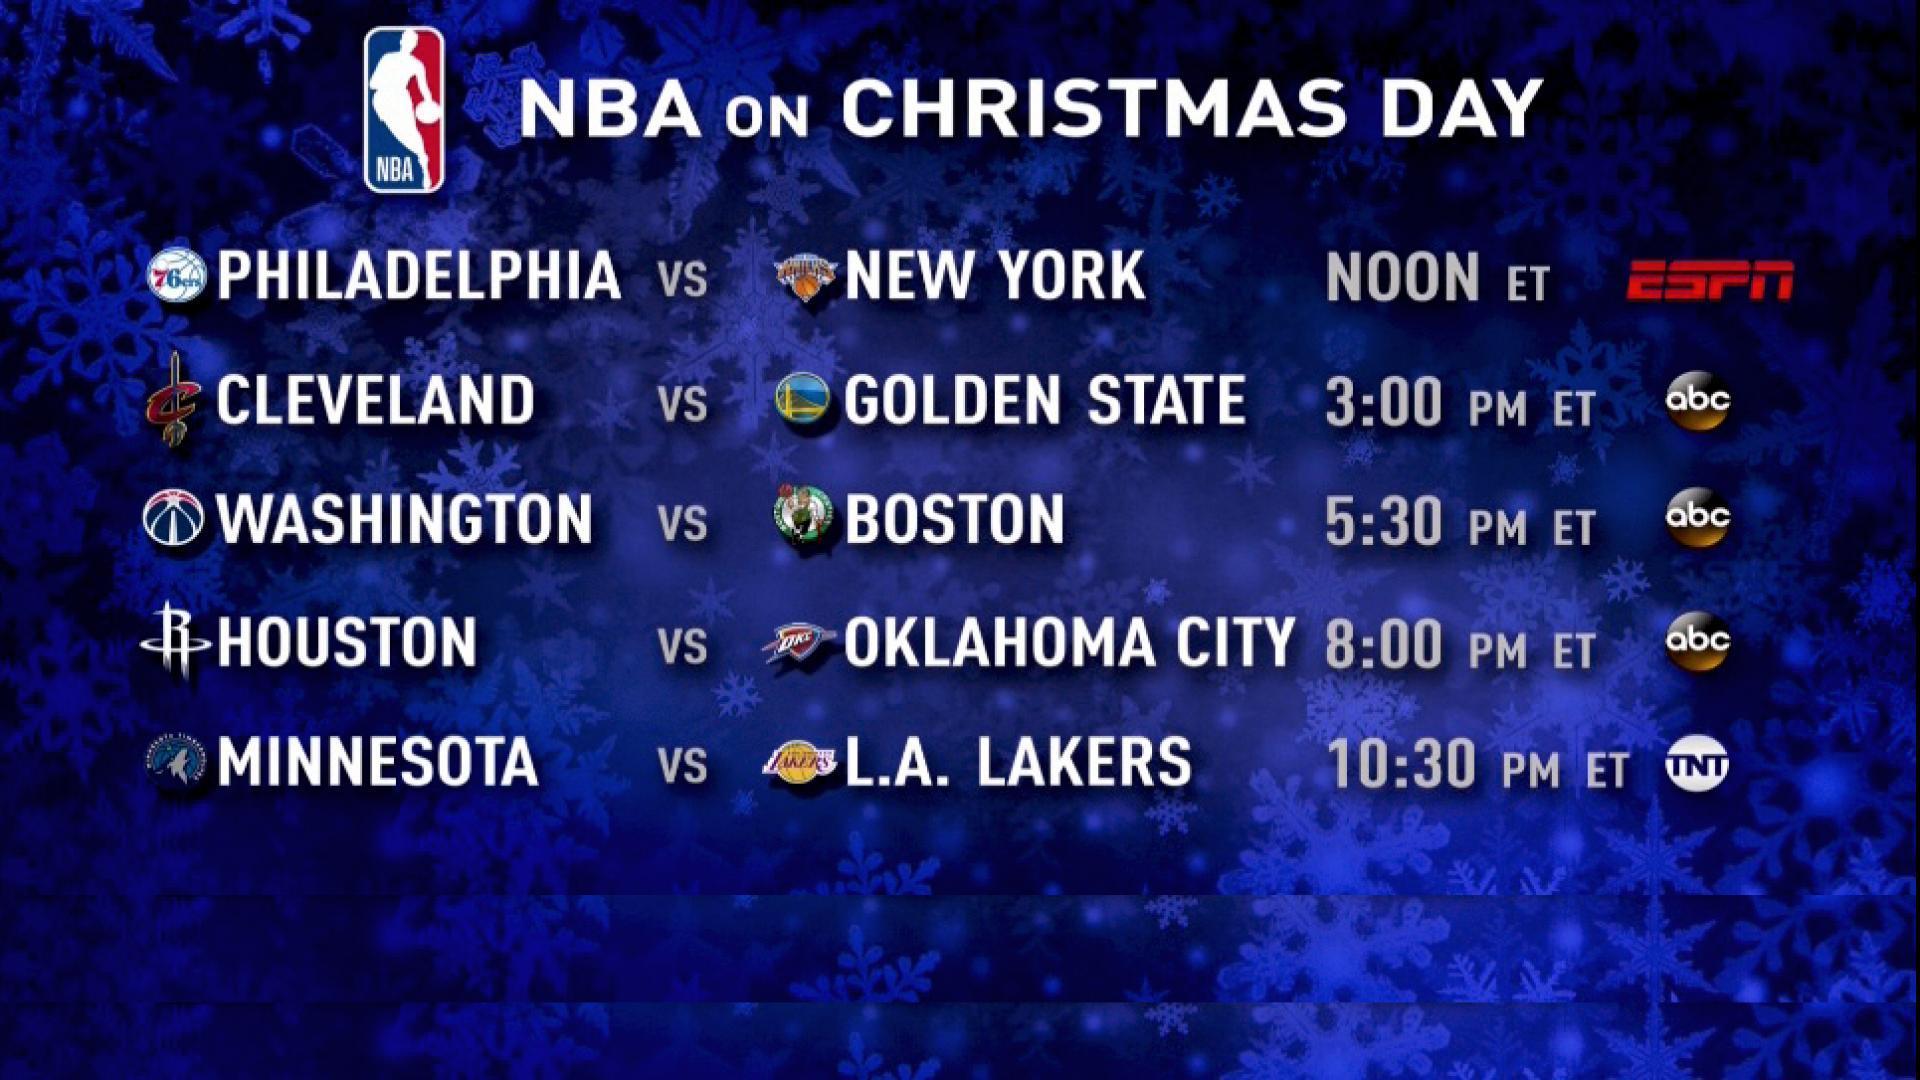 nba-on-christmas-day.jpg